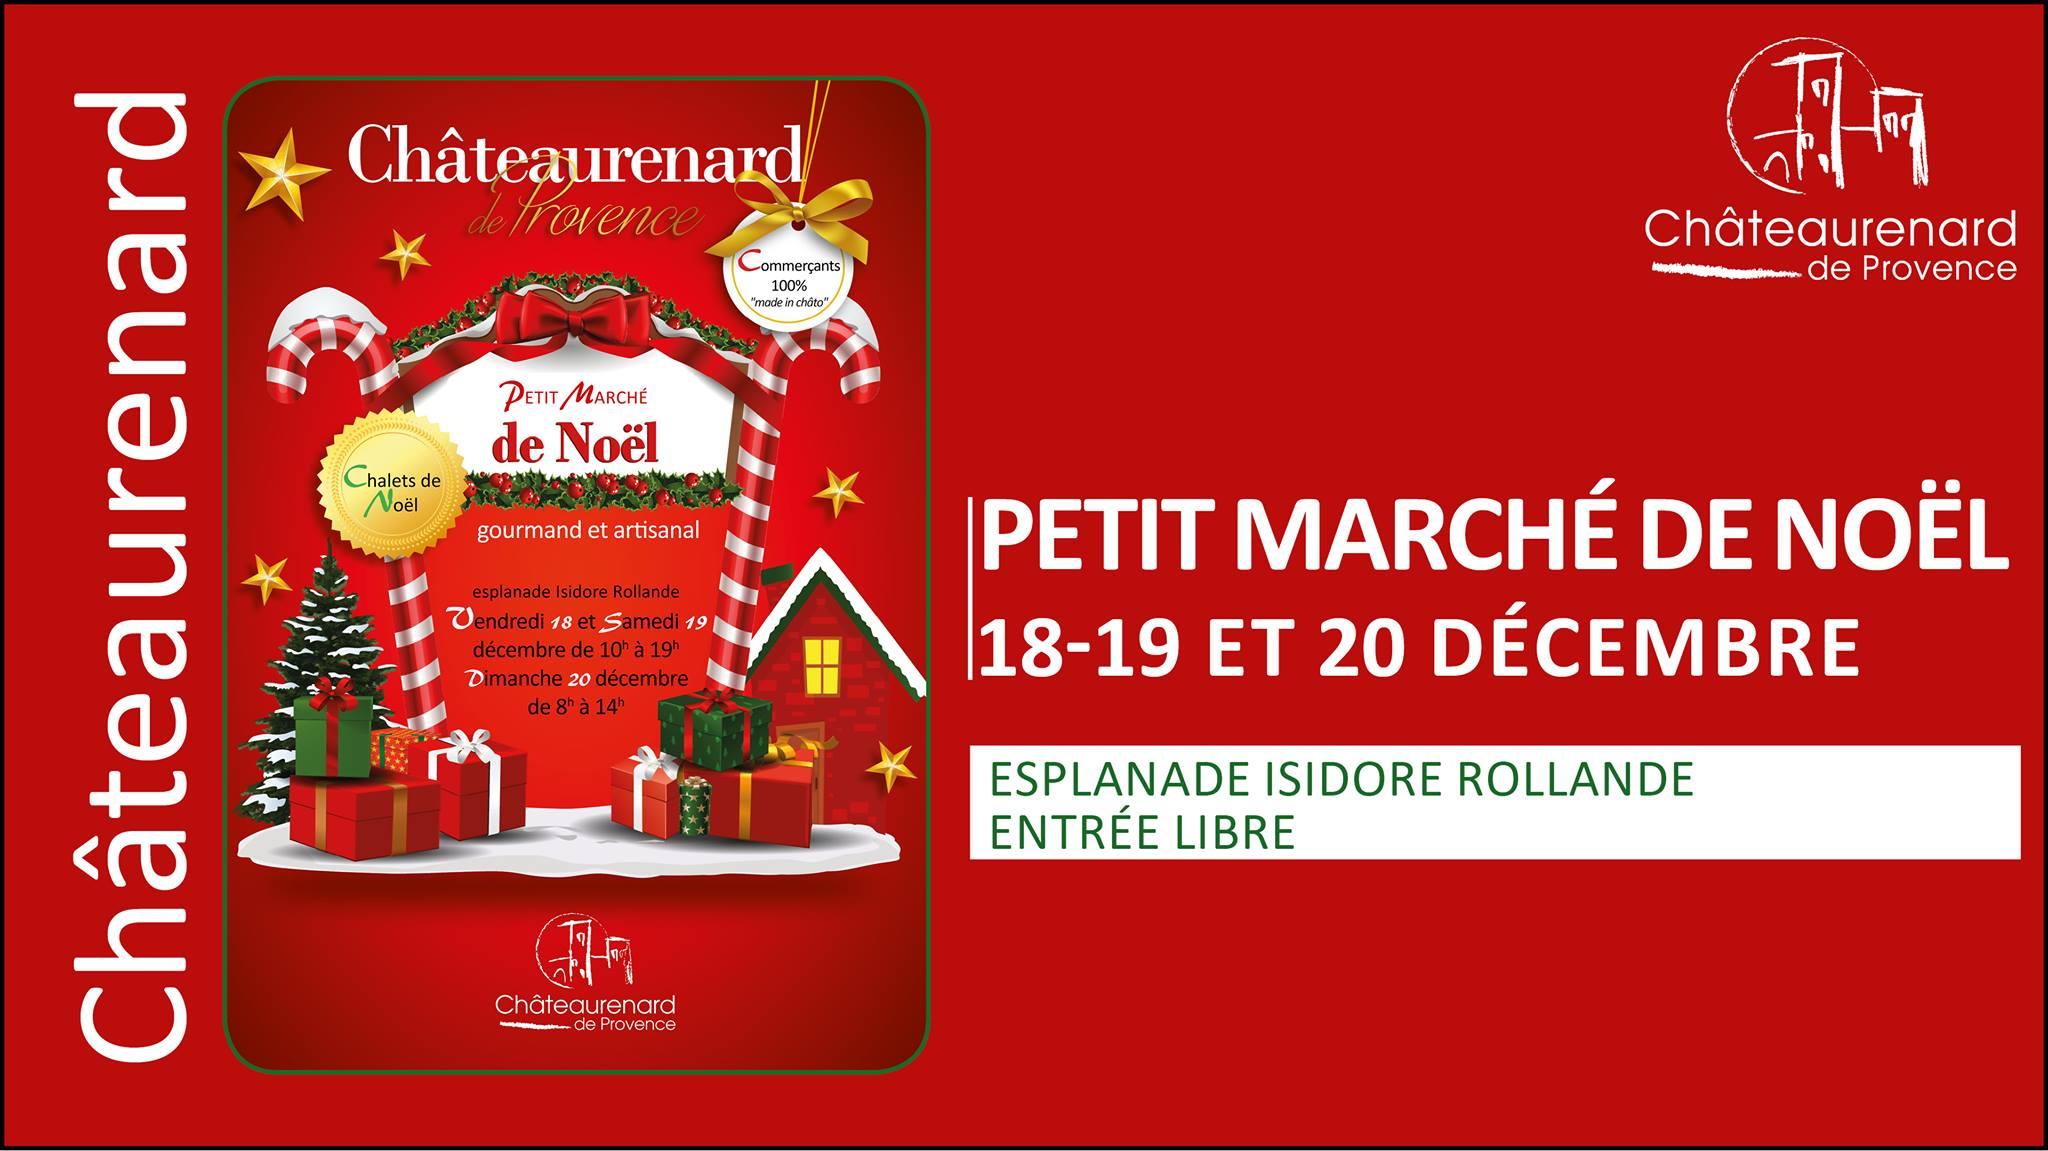 marché de noël à Châteaurenard 2020